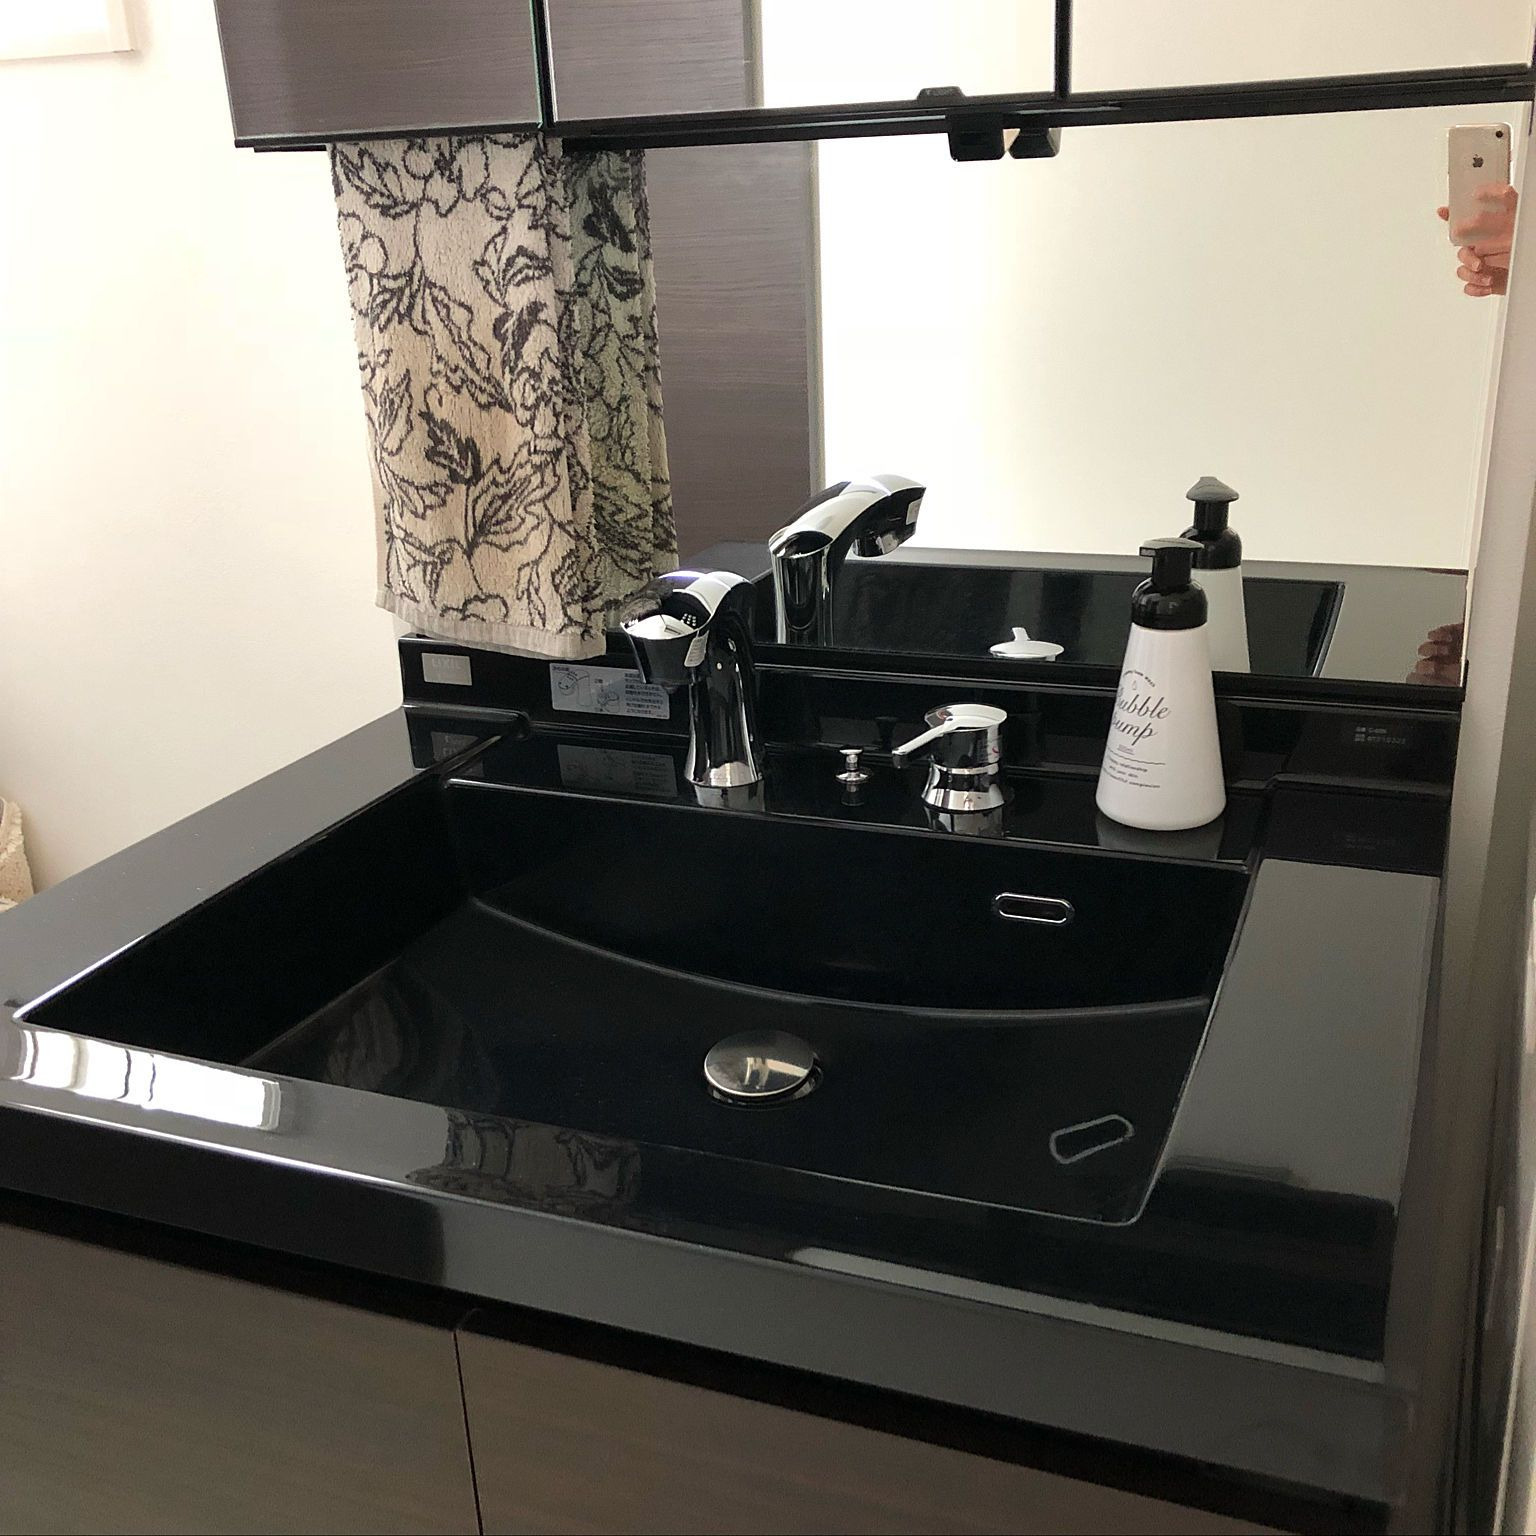 ルミシス洗面台 ルミシス リクシル 洗面所のインテリア実例 2018 02 14 16 55 01 Roomclip ルームクリップ 洗面台 洗面所 インテリア